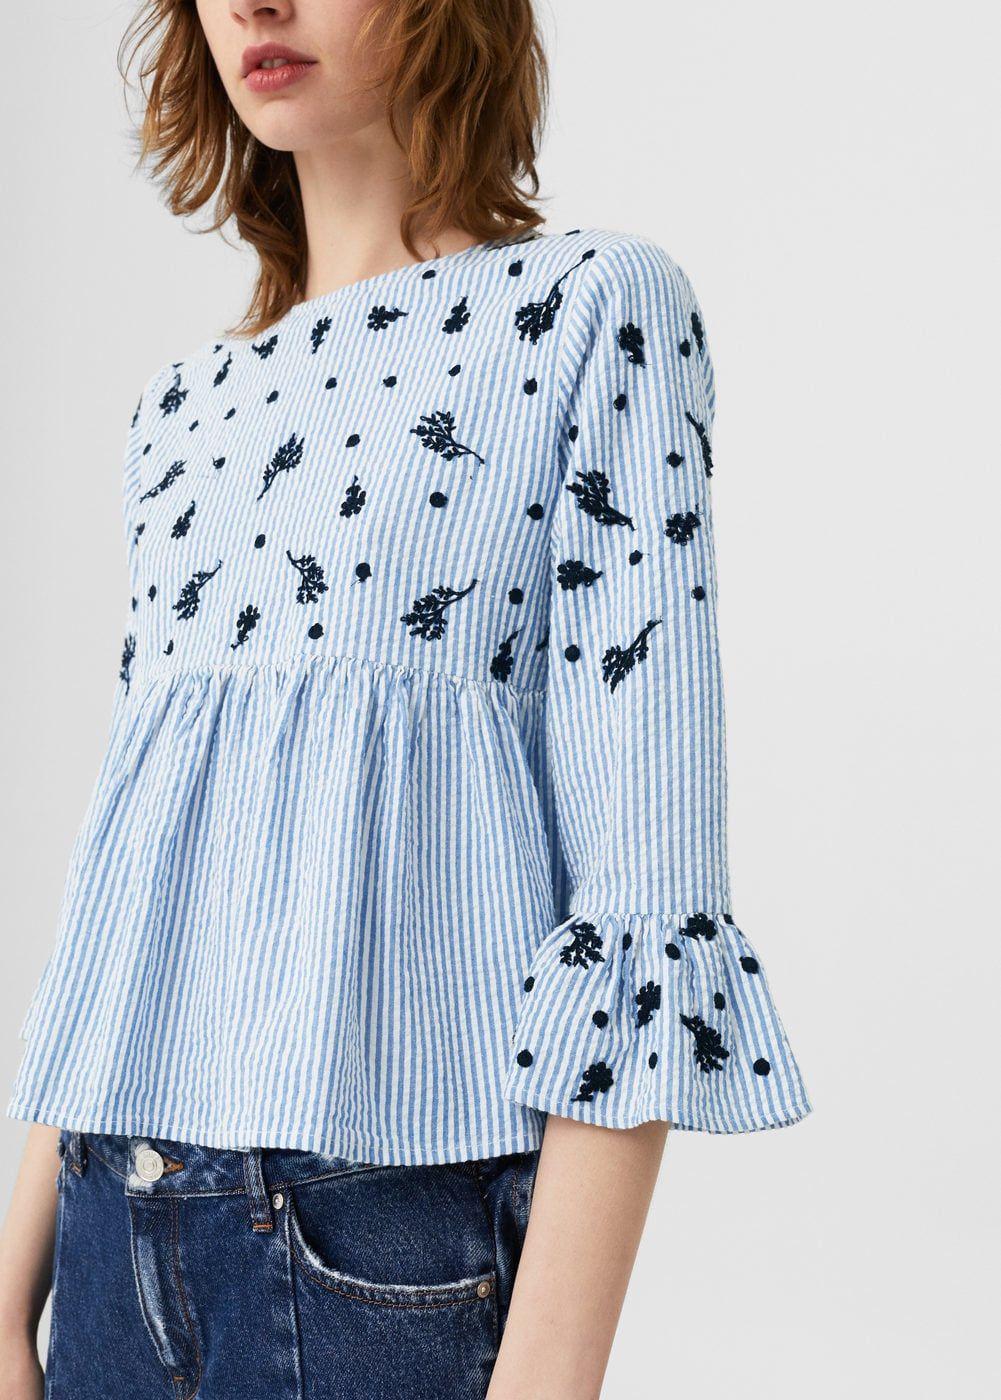 6952a9b35582 Blusa rayas bordada - Mujer in 2019 | Blusas | Fashion, Blouse ...